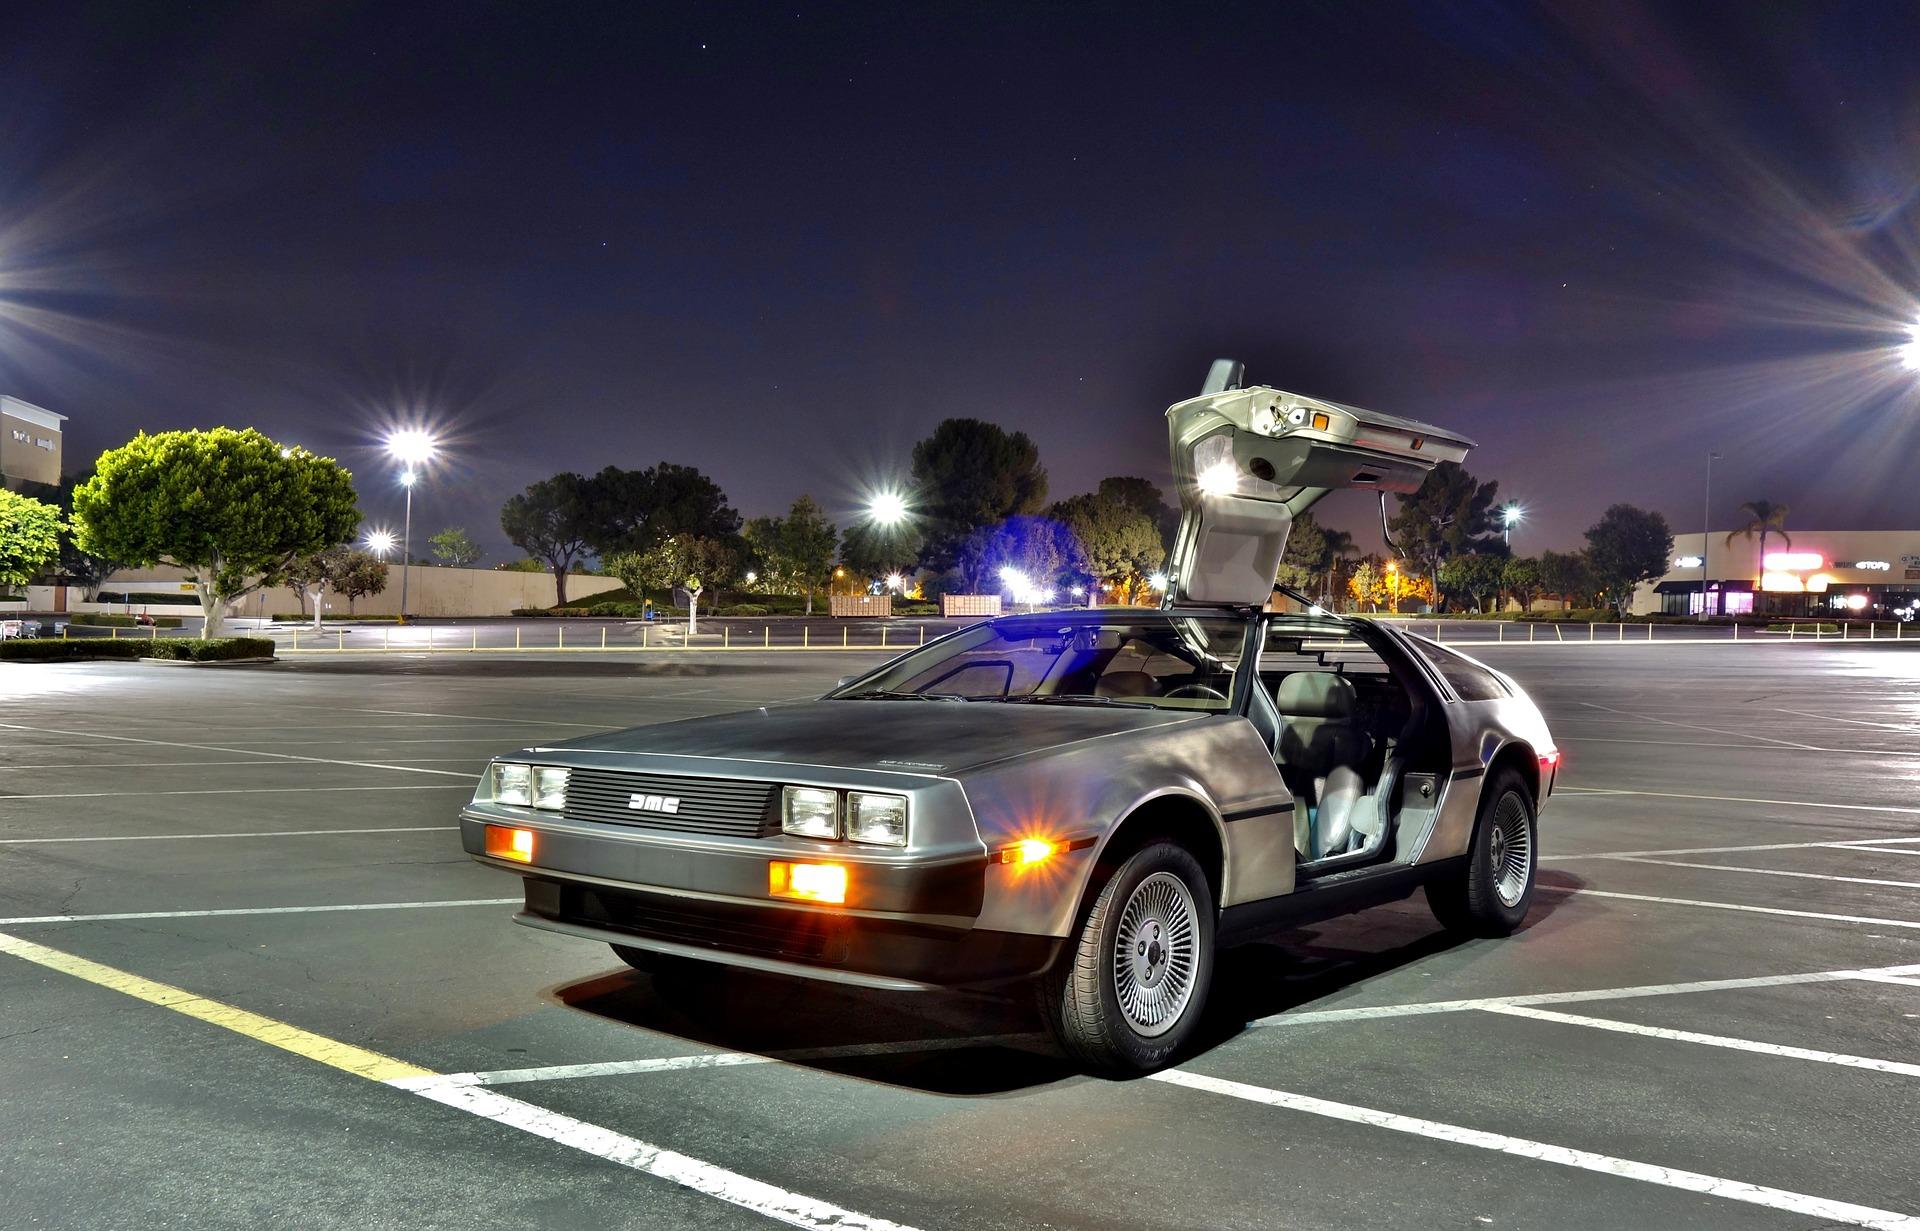 Le auto più famose della storia del Cinema